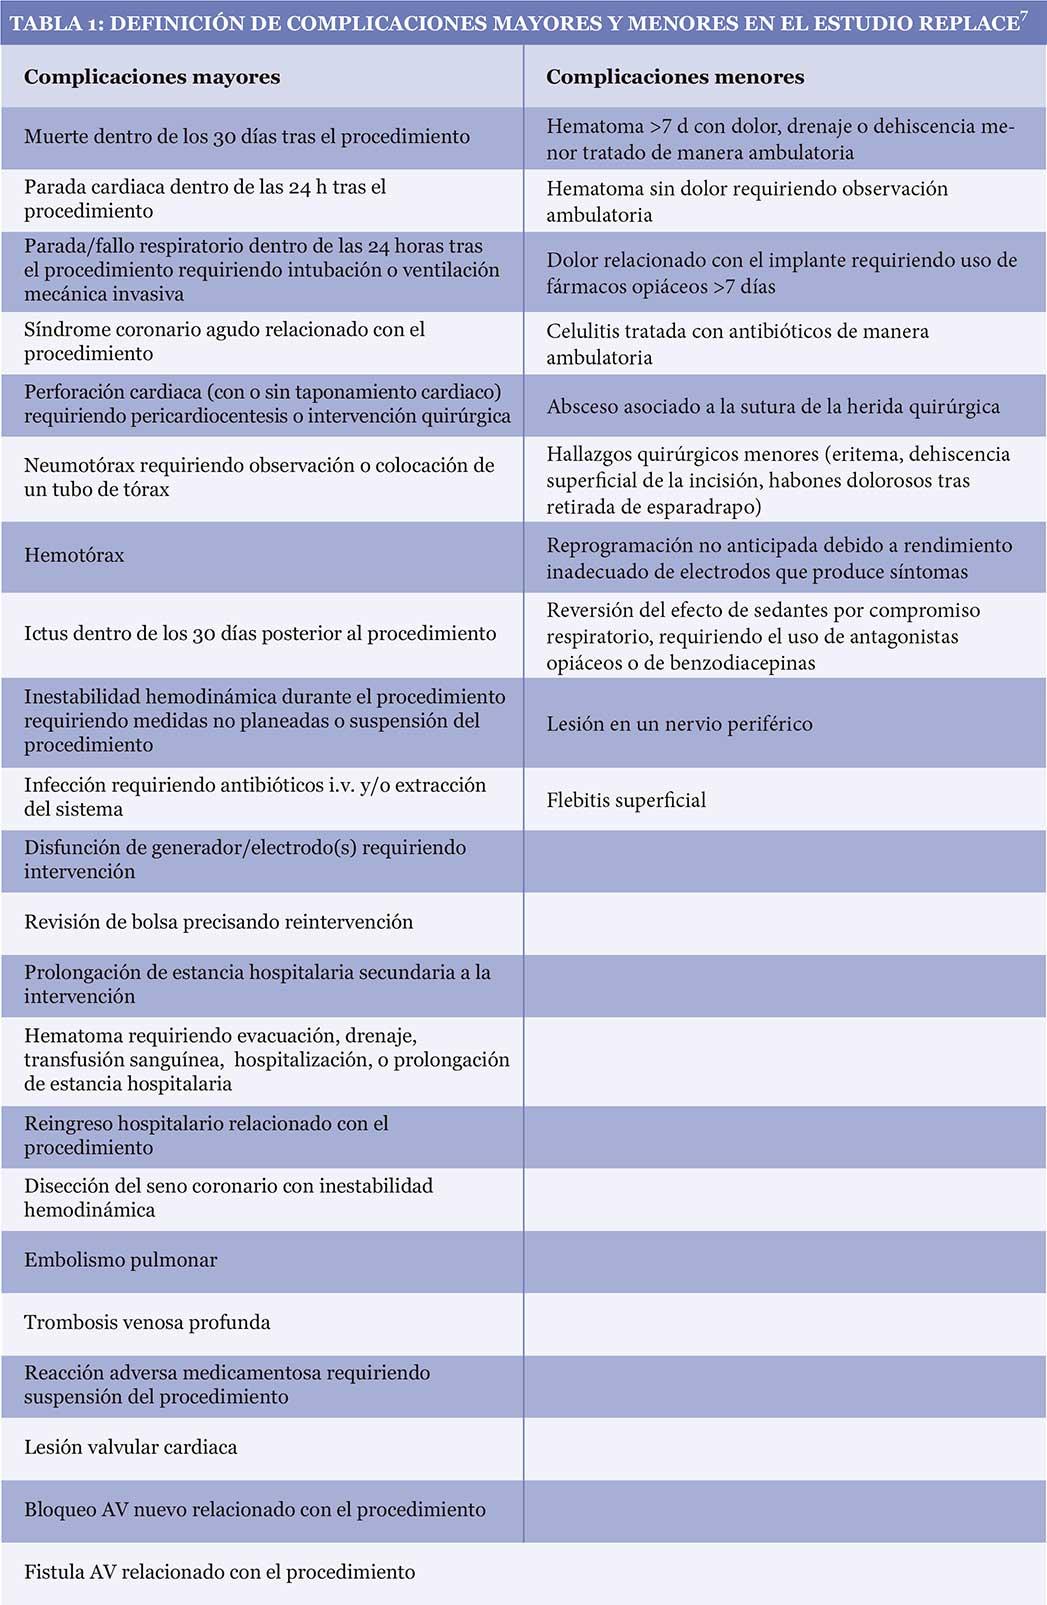 Tabla 1: Definición de complicaciones mayores y menores en el estudio REPLACE